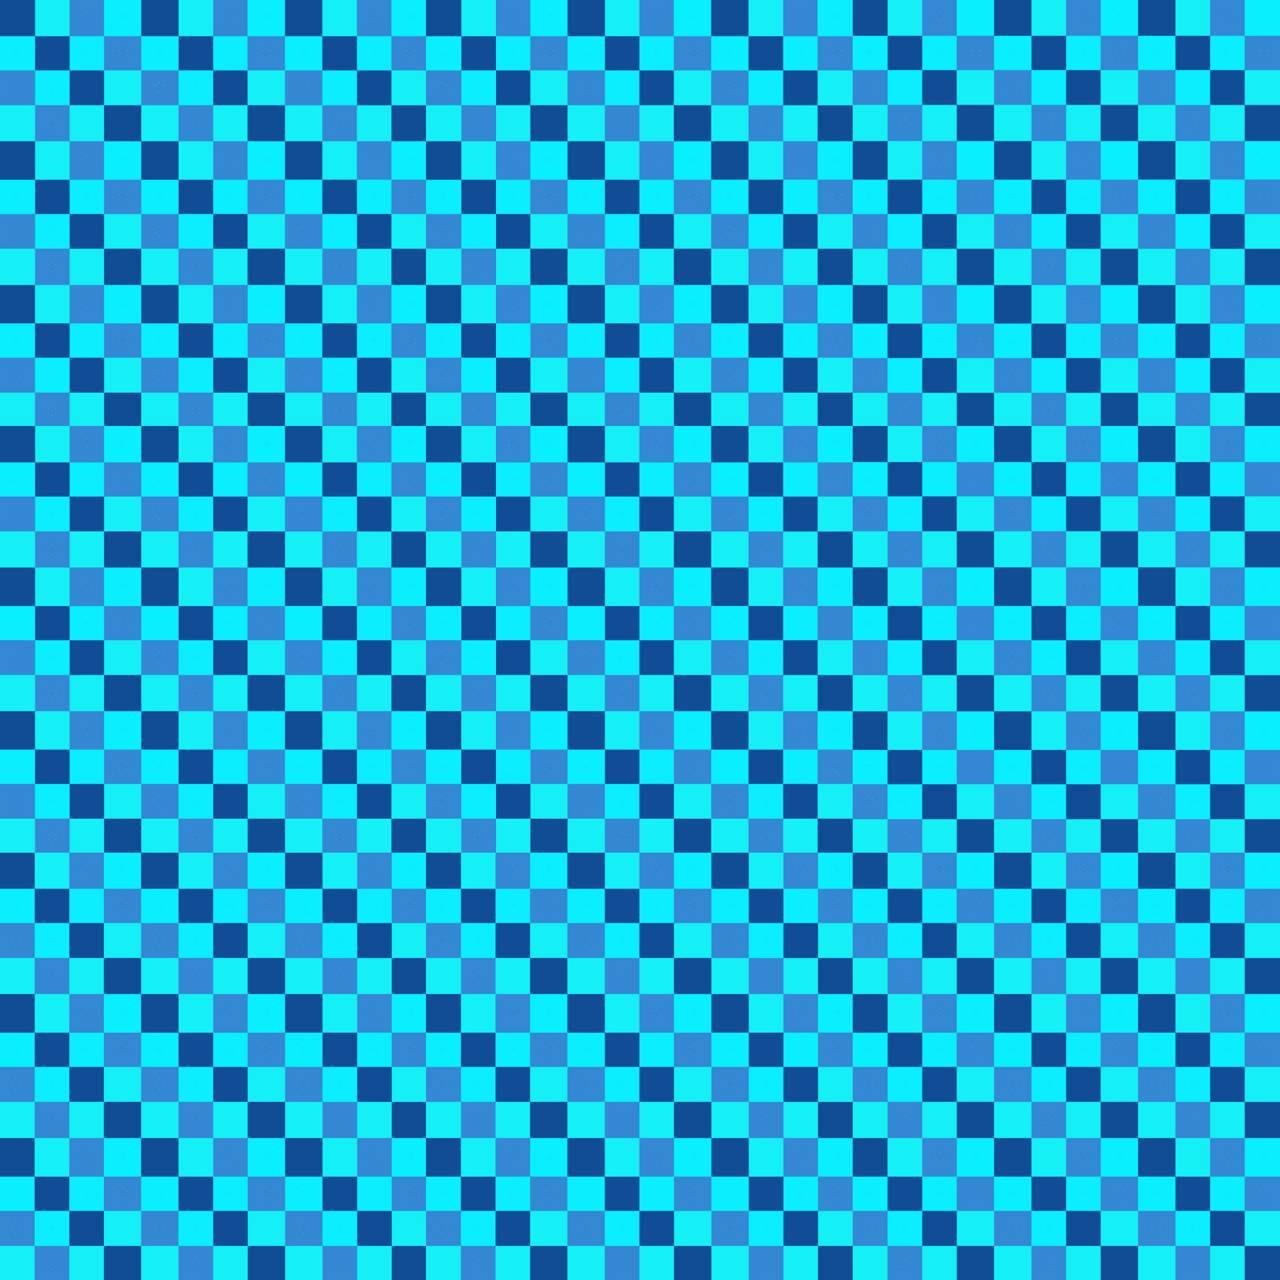 Tiled Wallpaper 36-3